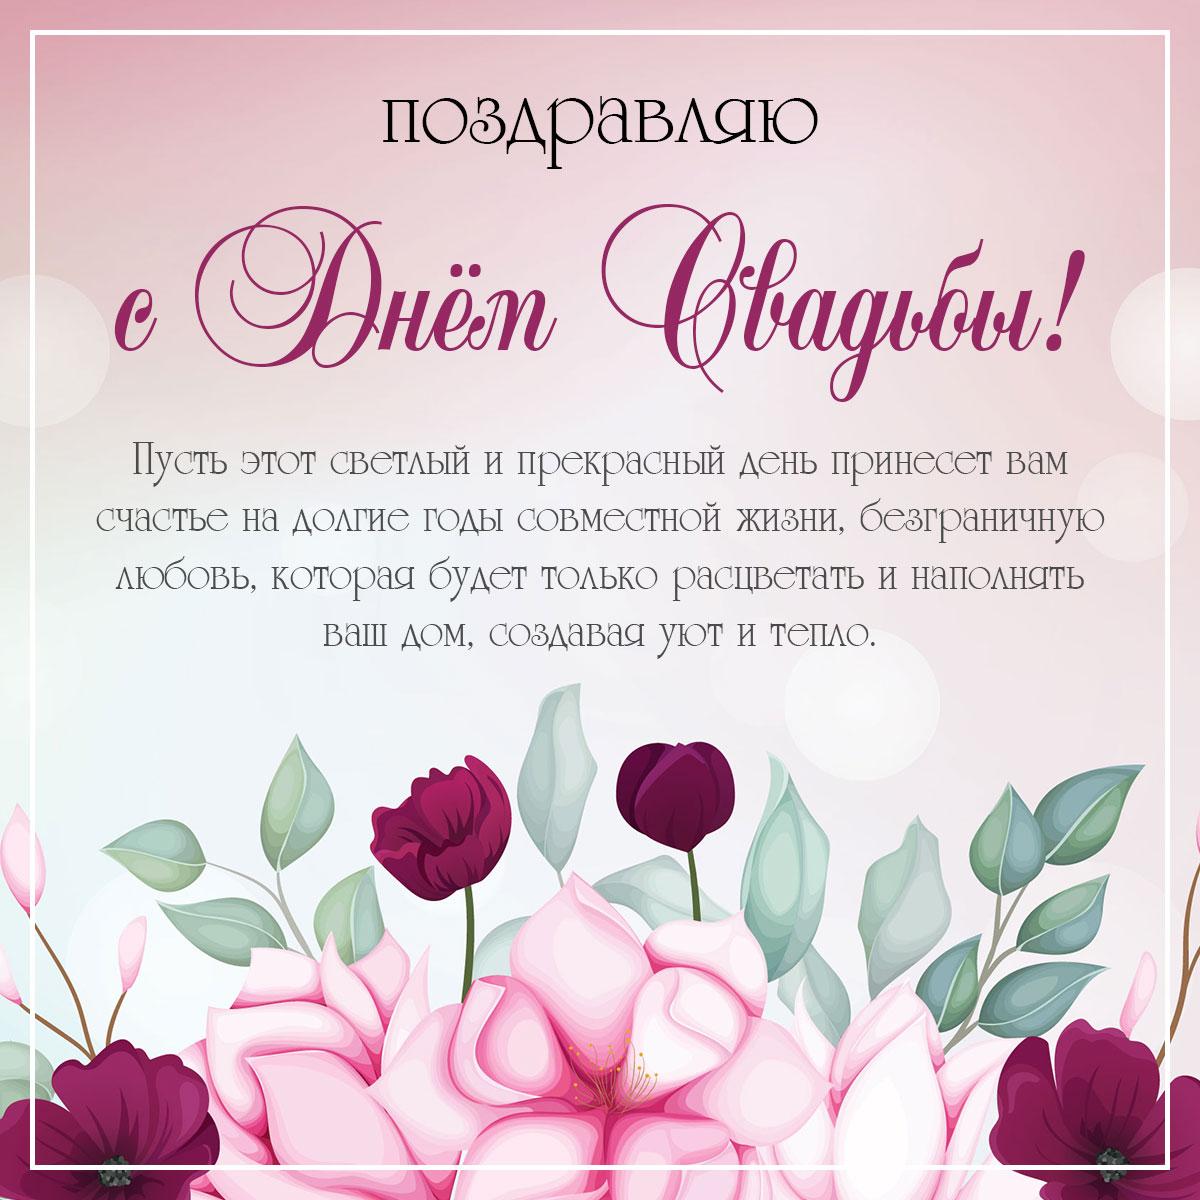 Текст поздравления с днем свадьбы с розовыми и бордовыми цветами лотоса.